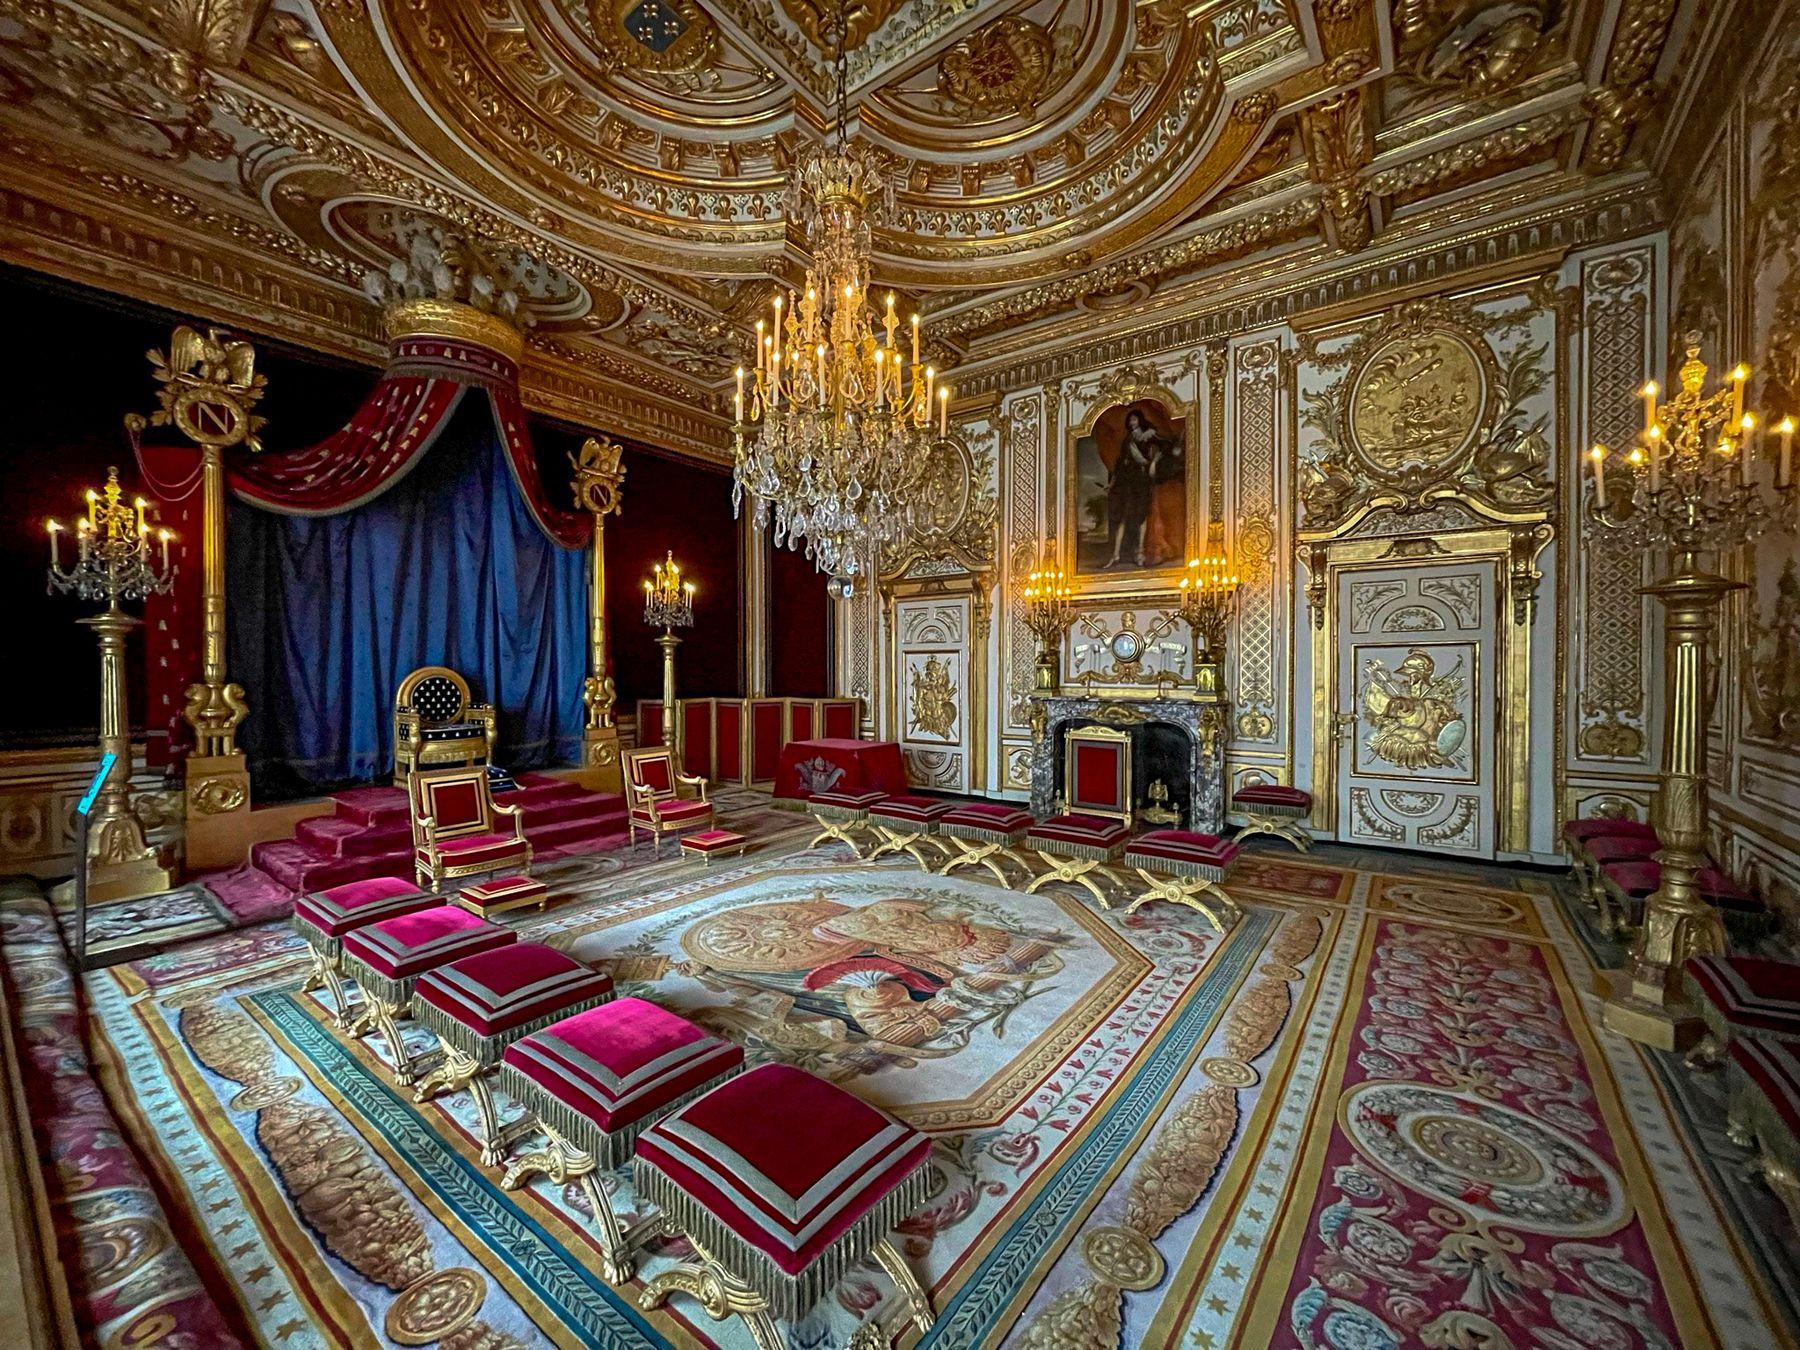 Тронный зал Наполеона в Фонтенбло Франция Фонтенбло тронный зал Наполеон